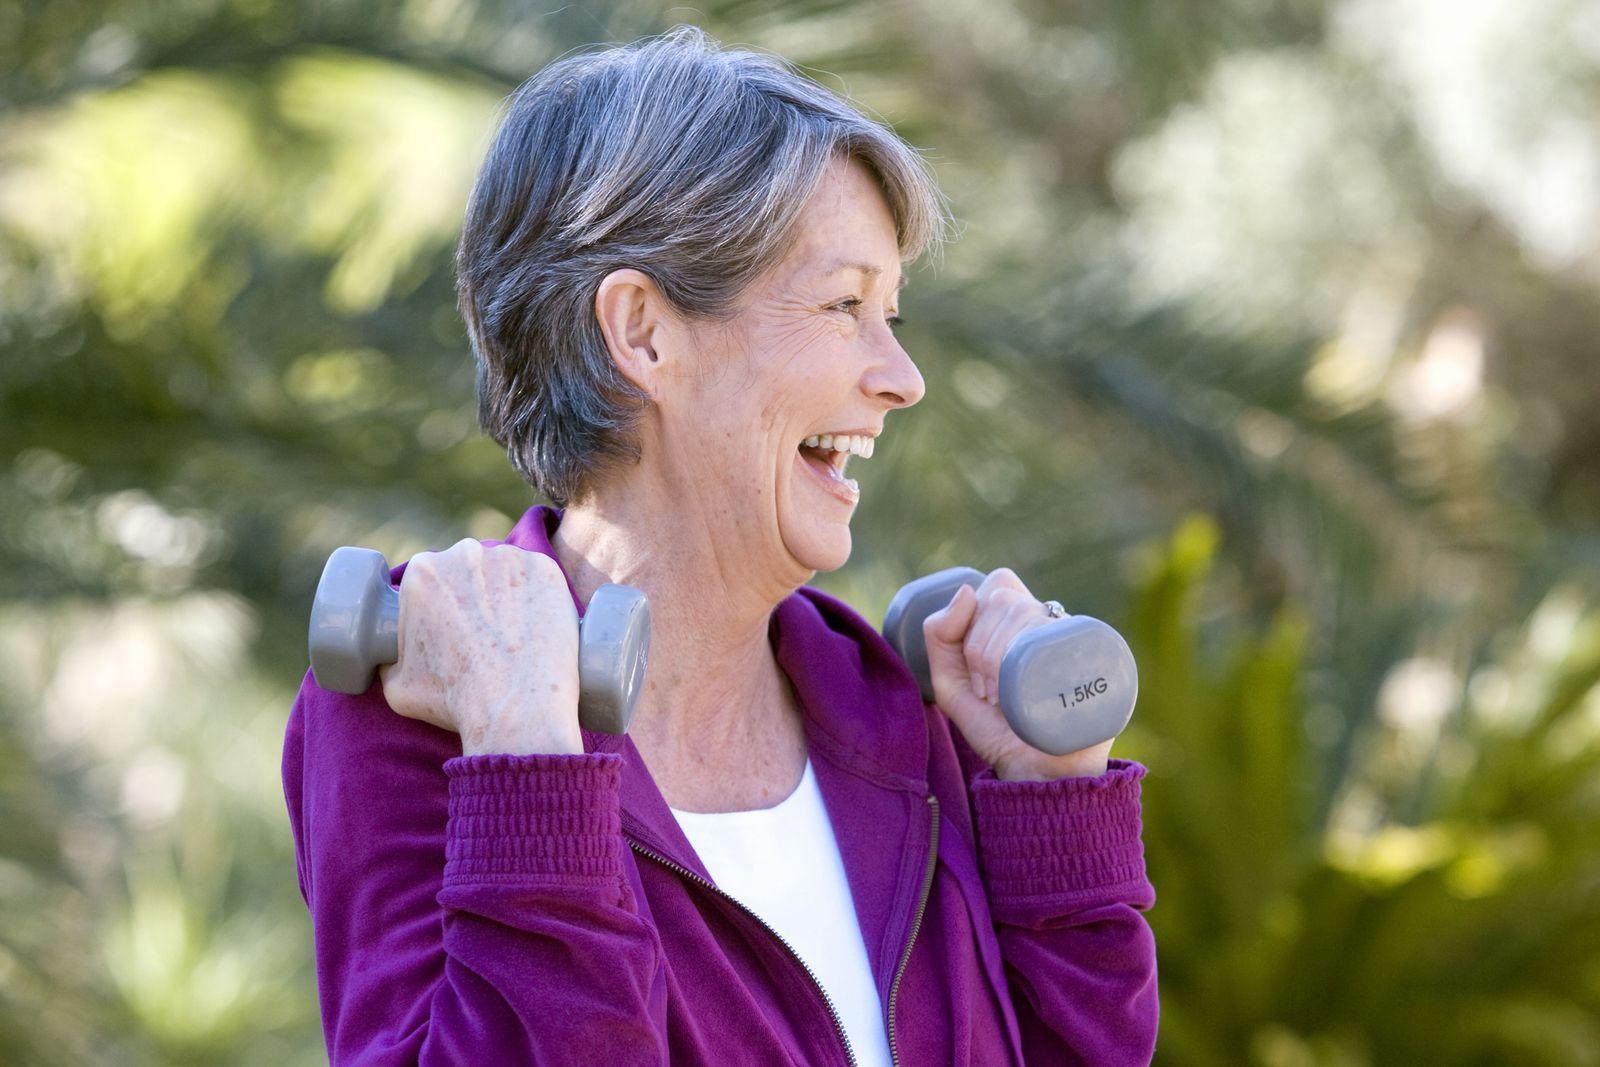 NICHT MEHR VERWENDEN! - Fitness/ Sport/ Senioren